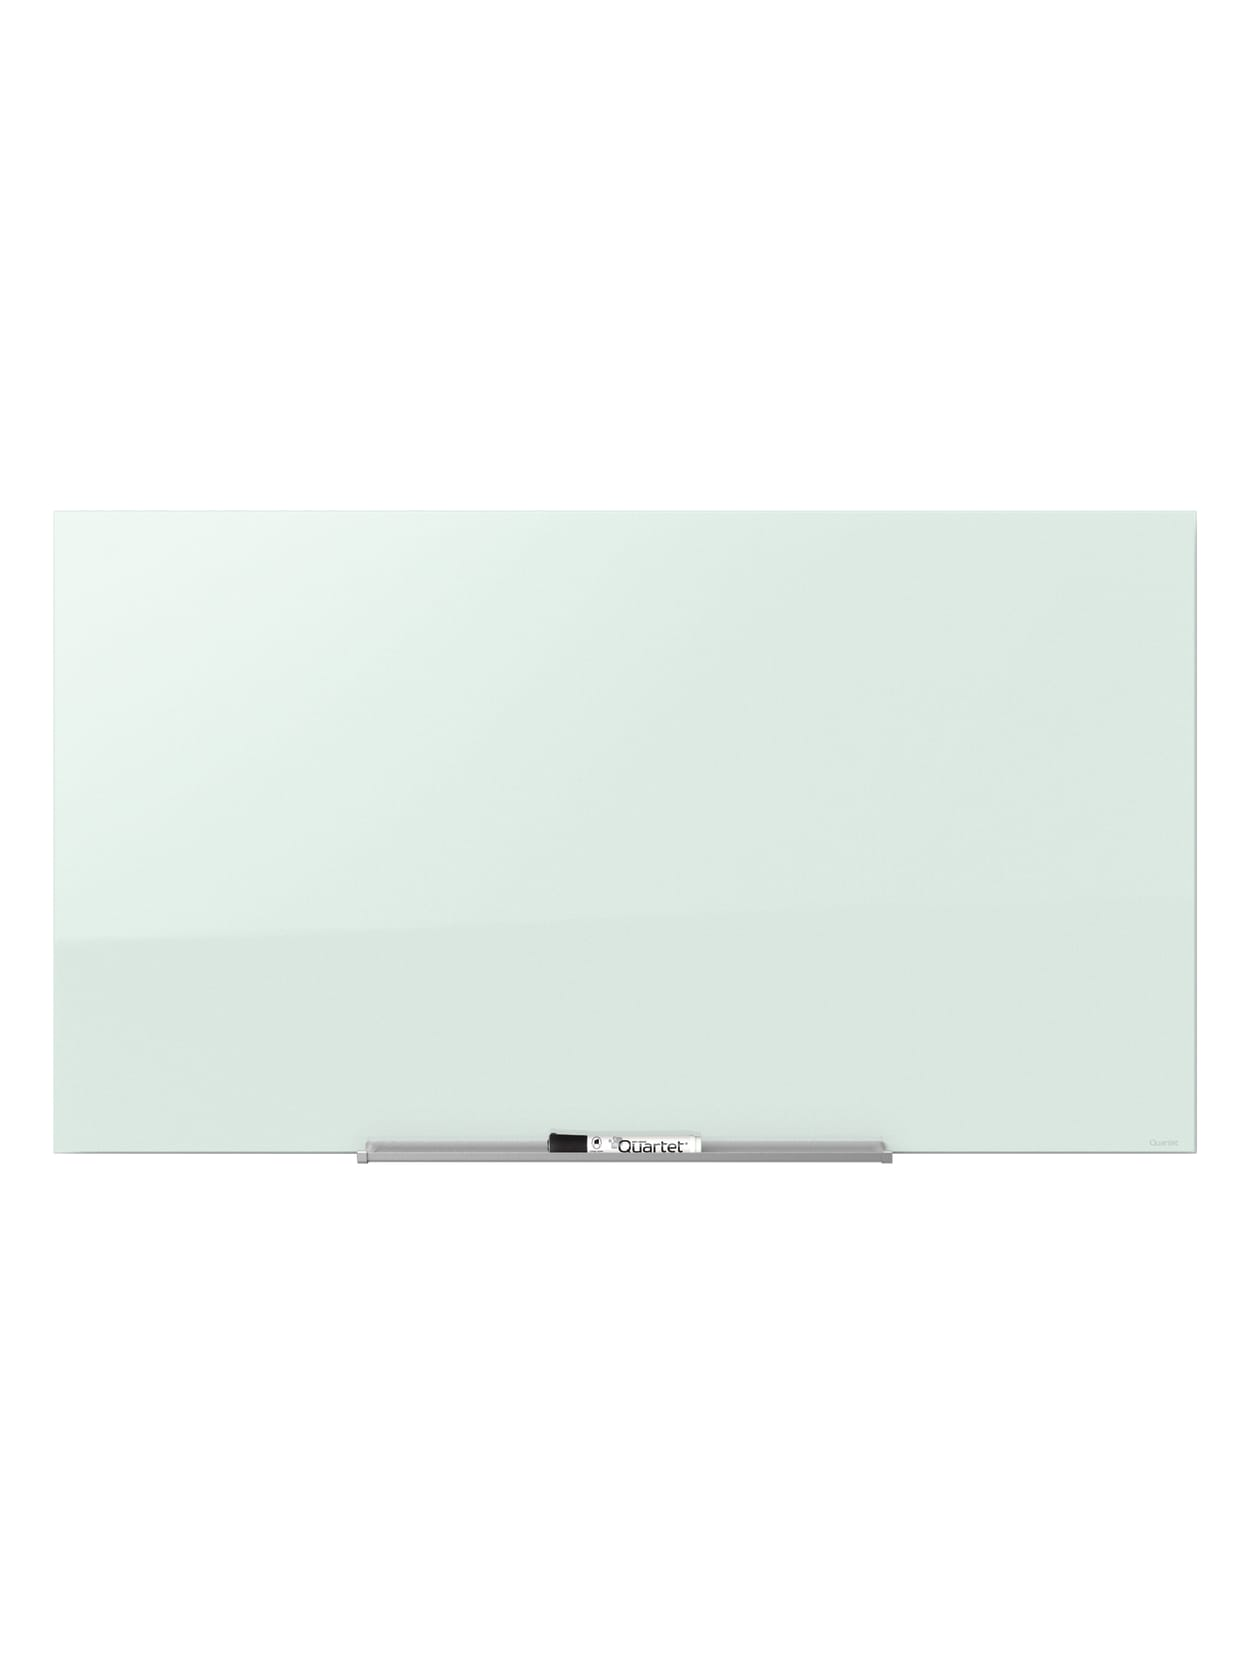 Quartet Invisamount Magnetic Unframed Dry Erase Whiteboard 39 X 22 White Office Depot